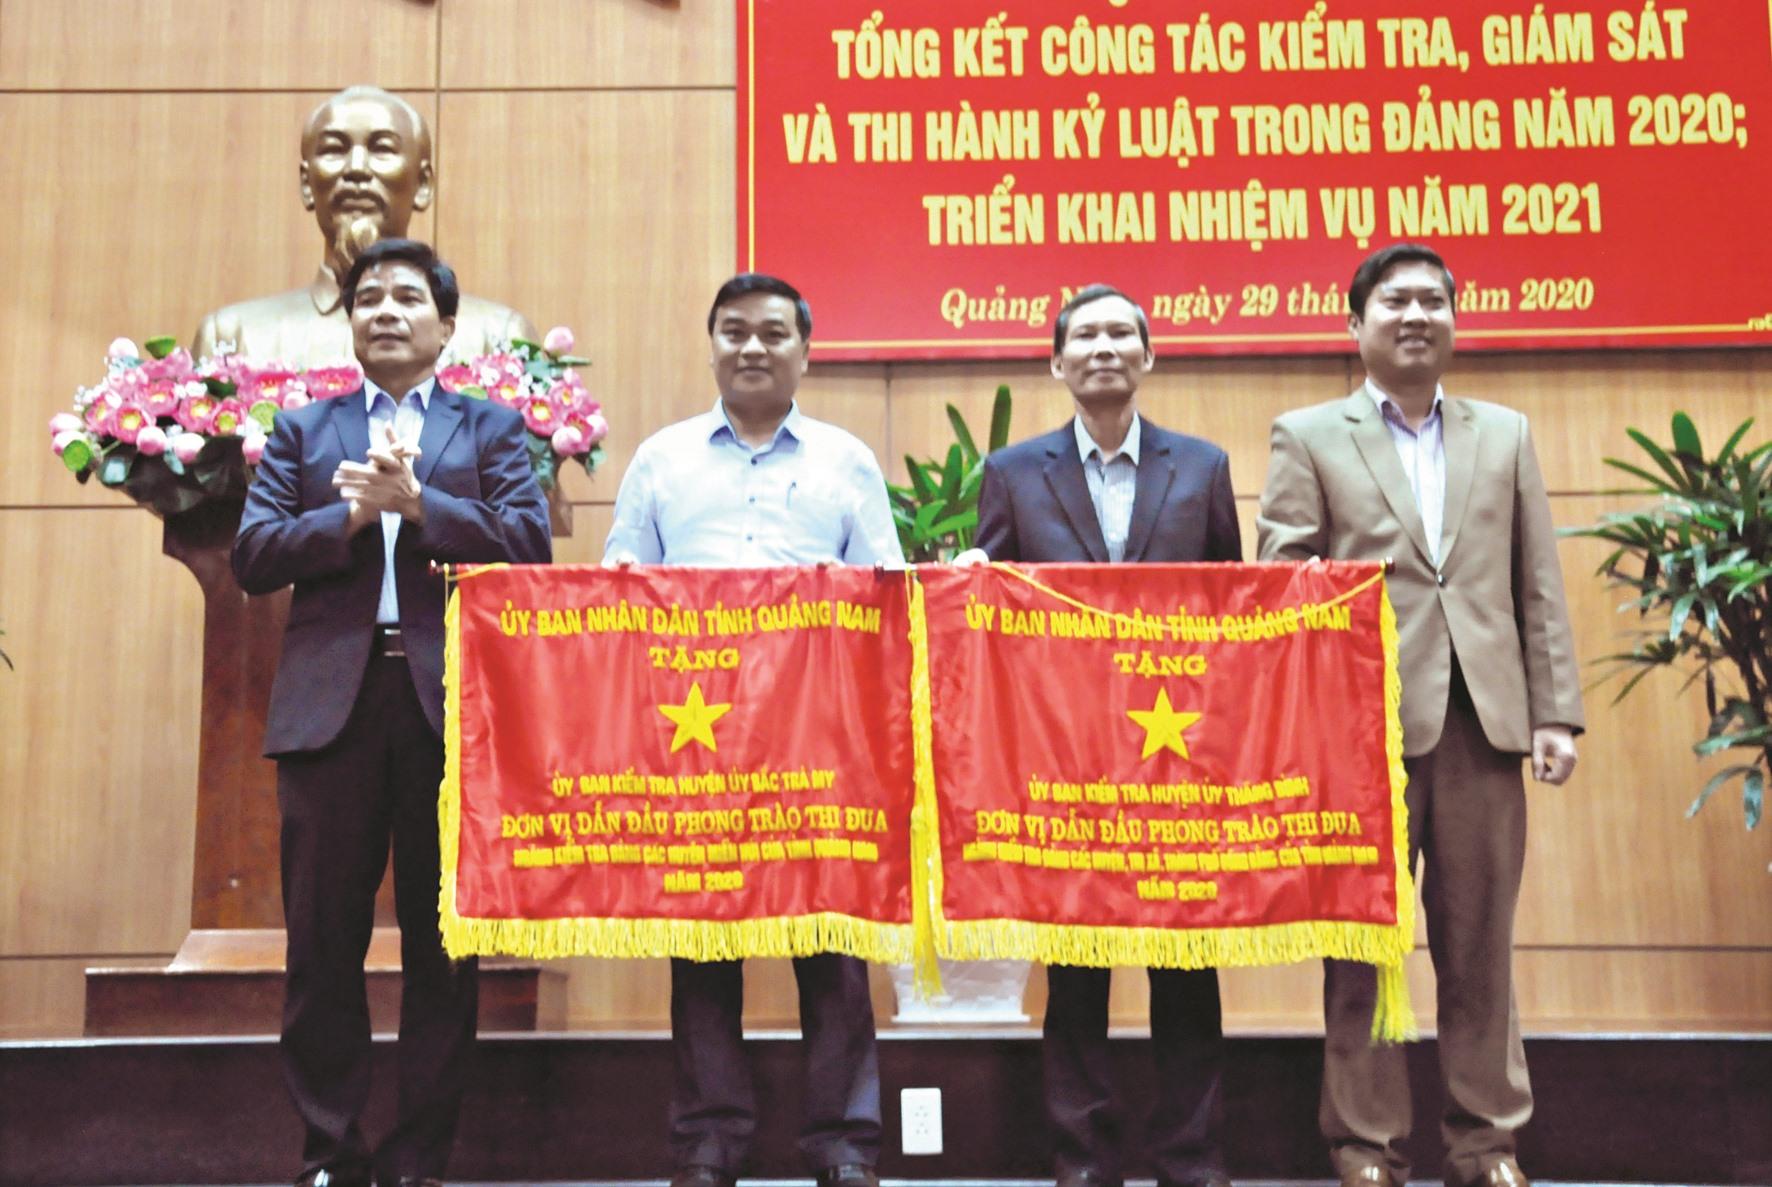 UBKT Huyện ủy Bắc Trà My và UBKT Huyện ủy Thăng Bình nhận Cờ thi đua của UBND tỉnh năm 2020. Ảnh: N.Đ